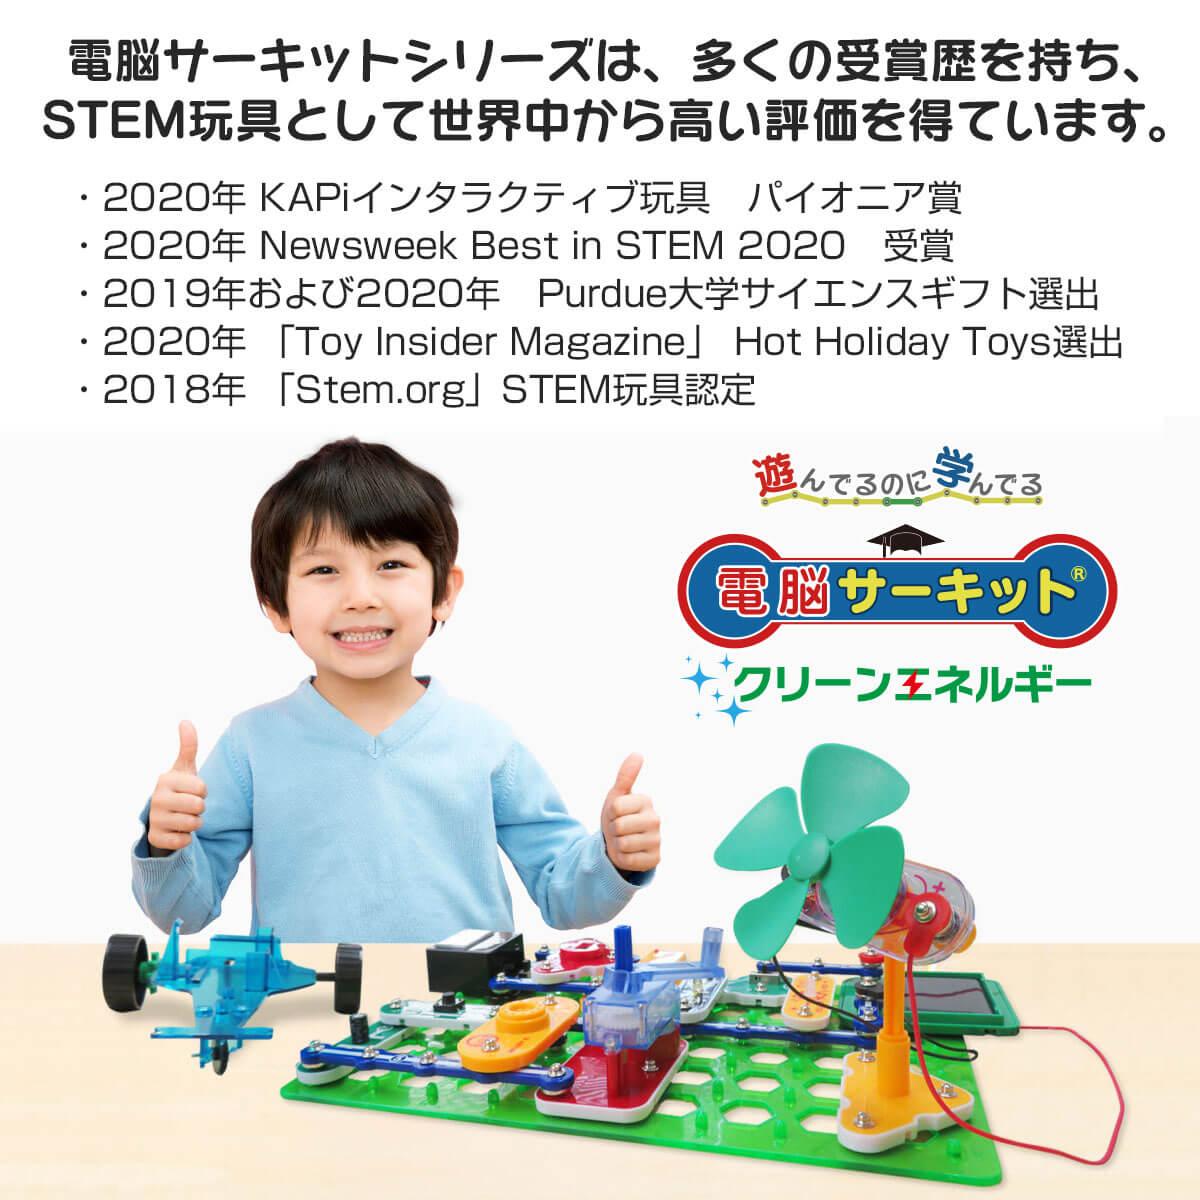 【正規品】 SDGs 脱炭素 EVシフト 自由研究 子供 宿題 夏休み 電脳サーキット クリーンエネルギー 自然エネルギー 電気とは 手作り 電気の作り方 発電 仕組み 知育玩具 電子ブロック 電子玩具 科学 おもちゃ